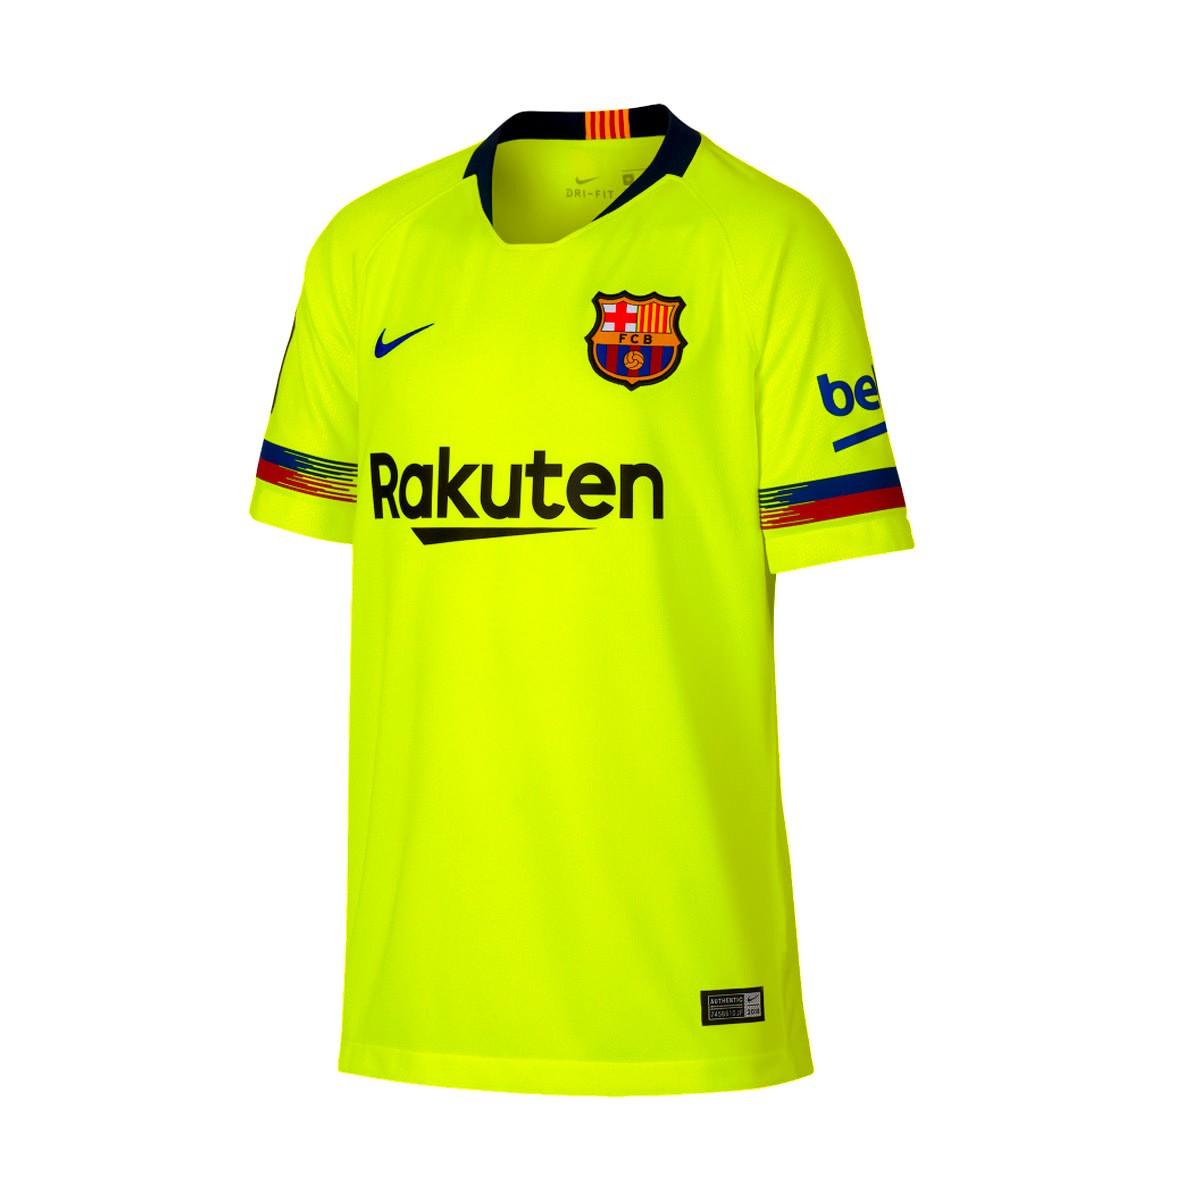 fb8678718 Camiseta Nike FC Barcelona Stadium Segunda Equipación 2018-2019 Niño  Volt-Deep royal blue - Tienda de fútbol Fútbol Emotion